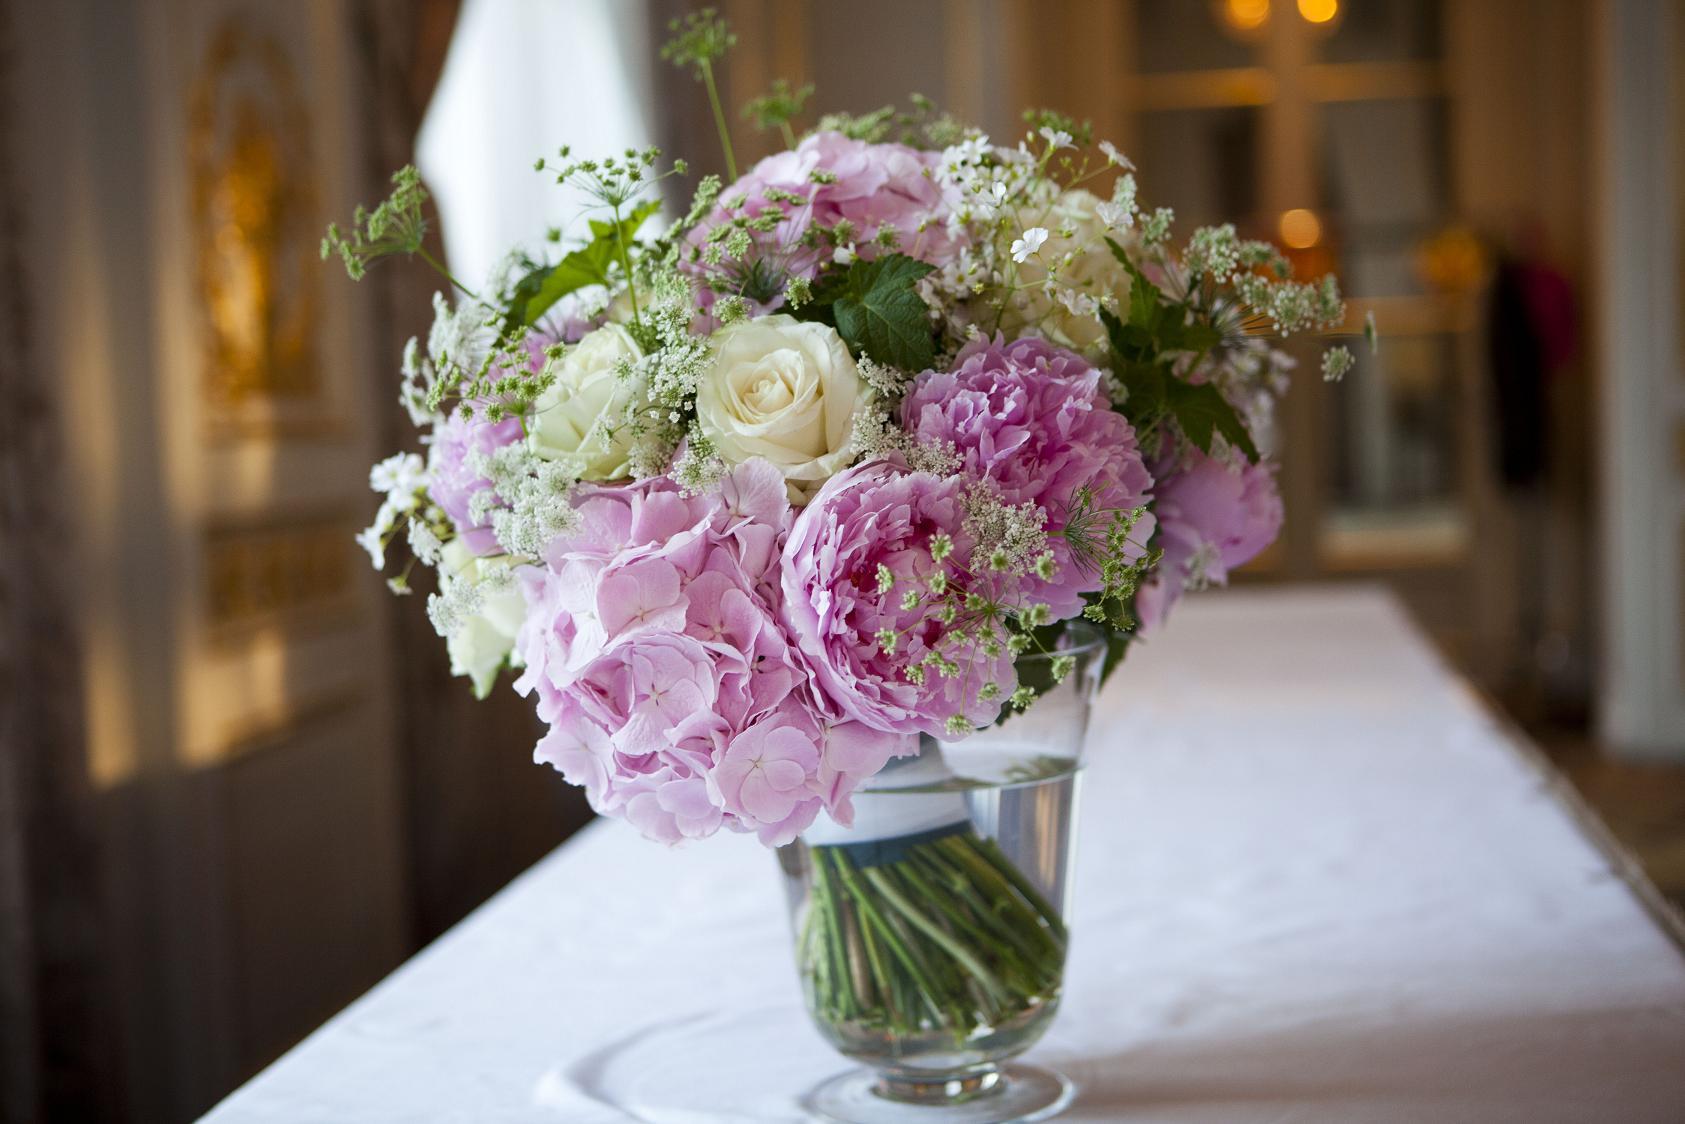 Decoration Florale Mariage Exotique Deco Salle Picture